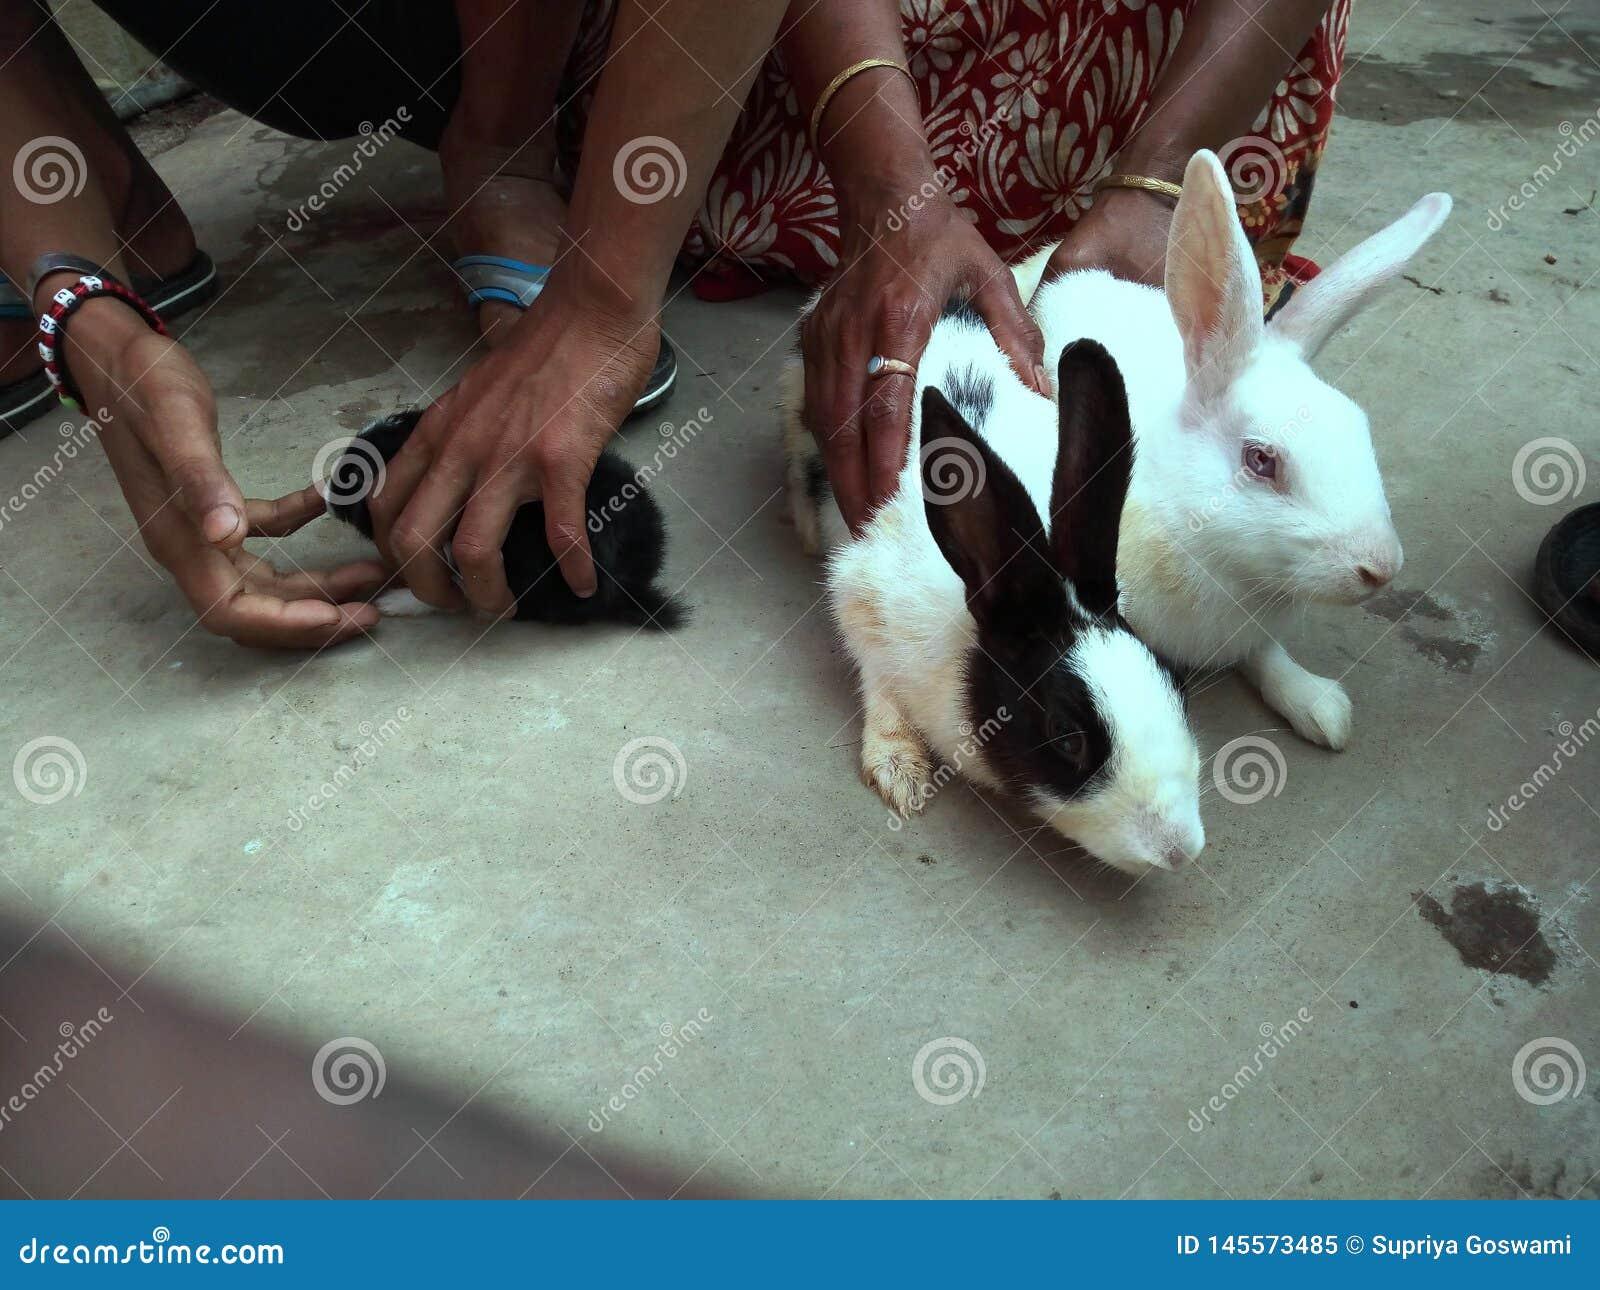 τα άσπρα κουνέλια περιμένουν τα τρόφιμά τους